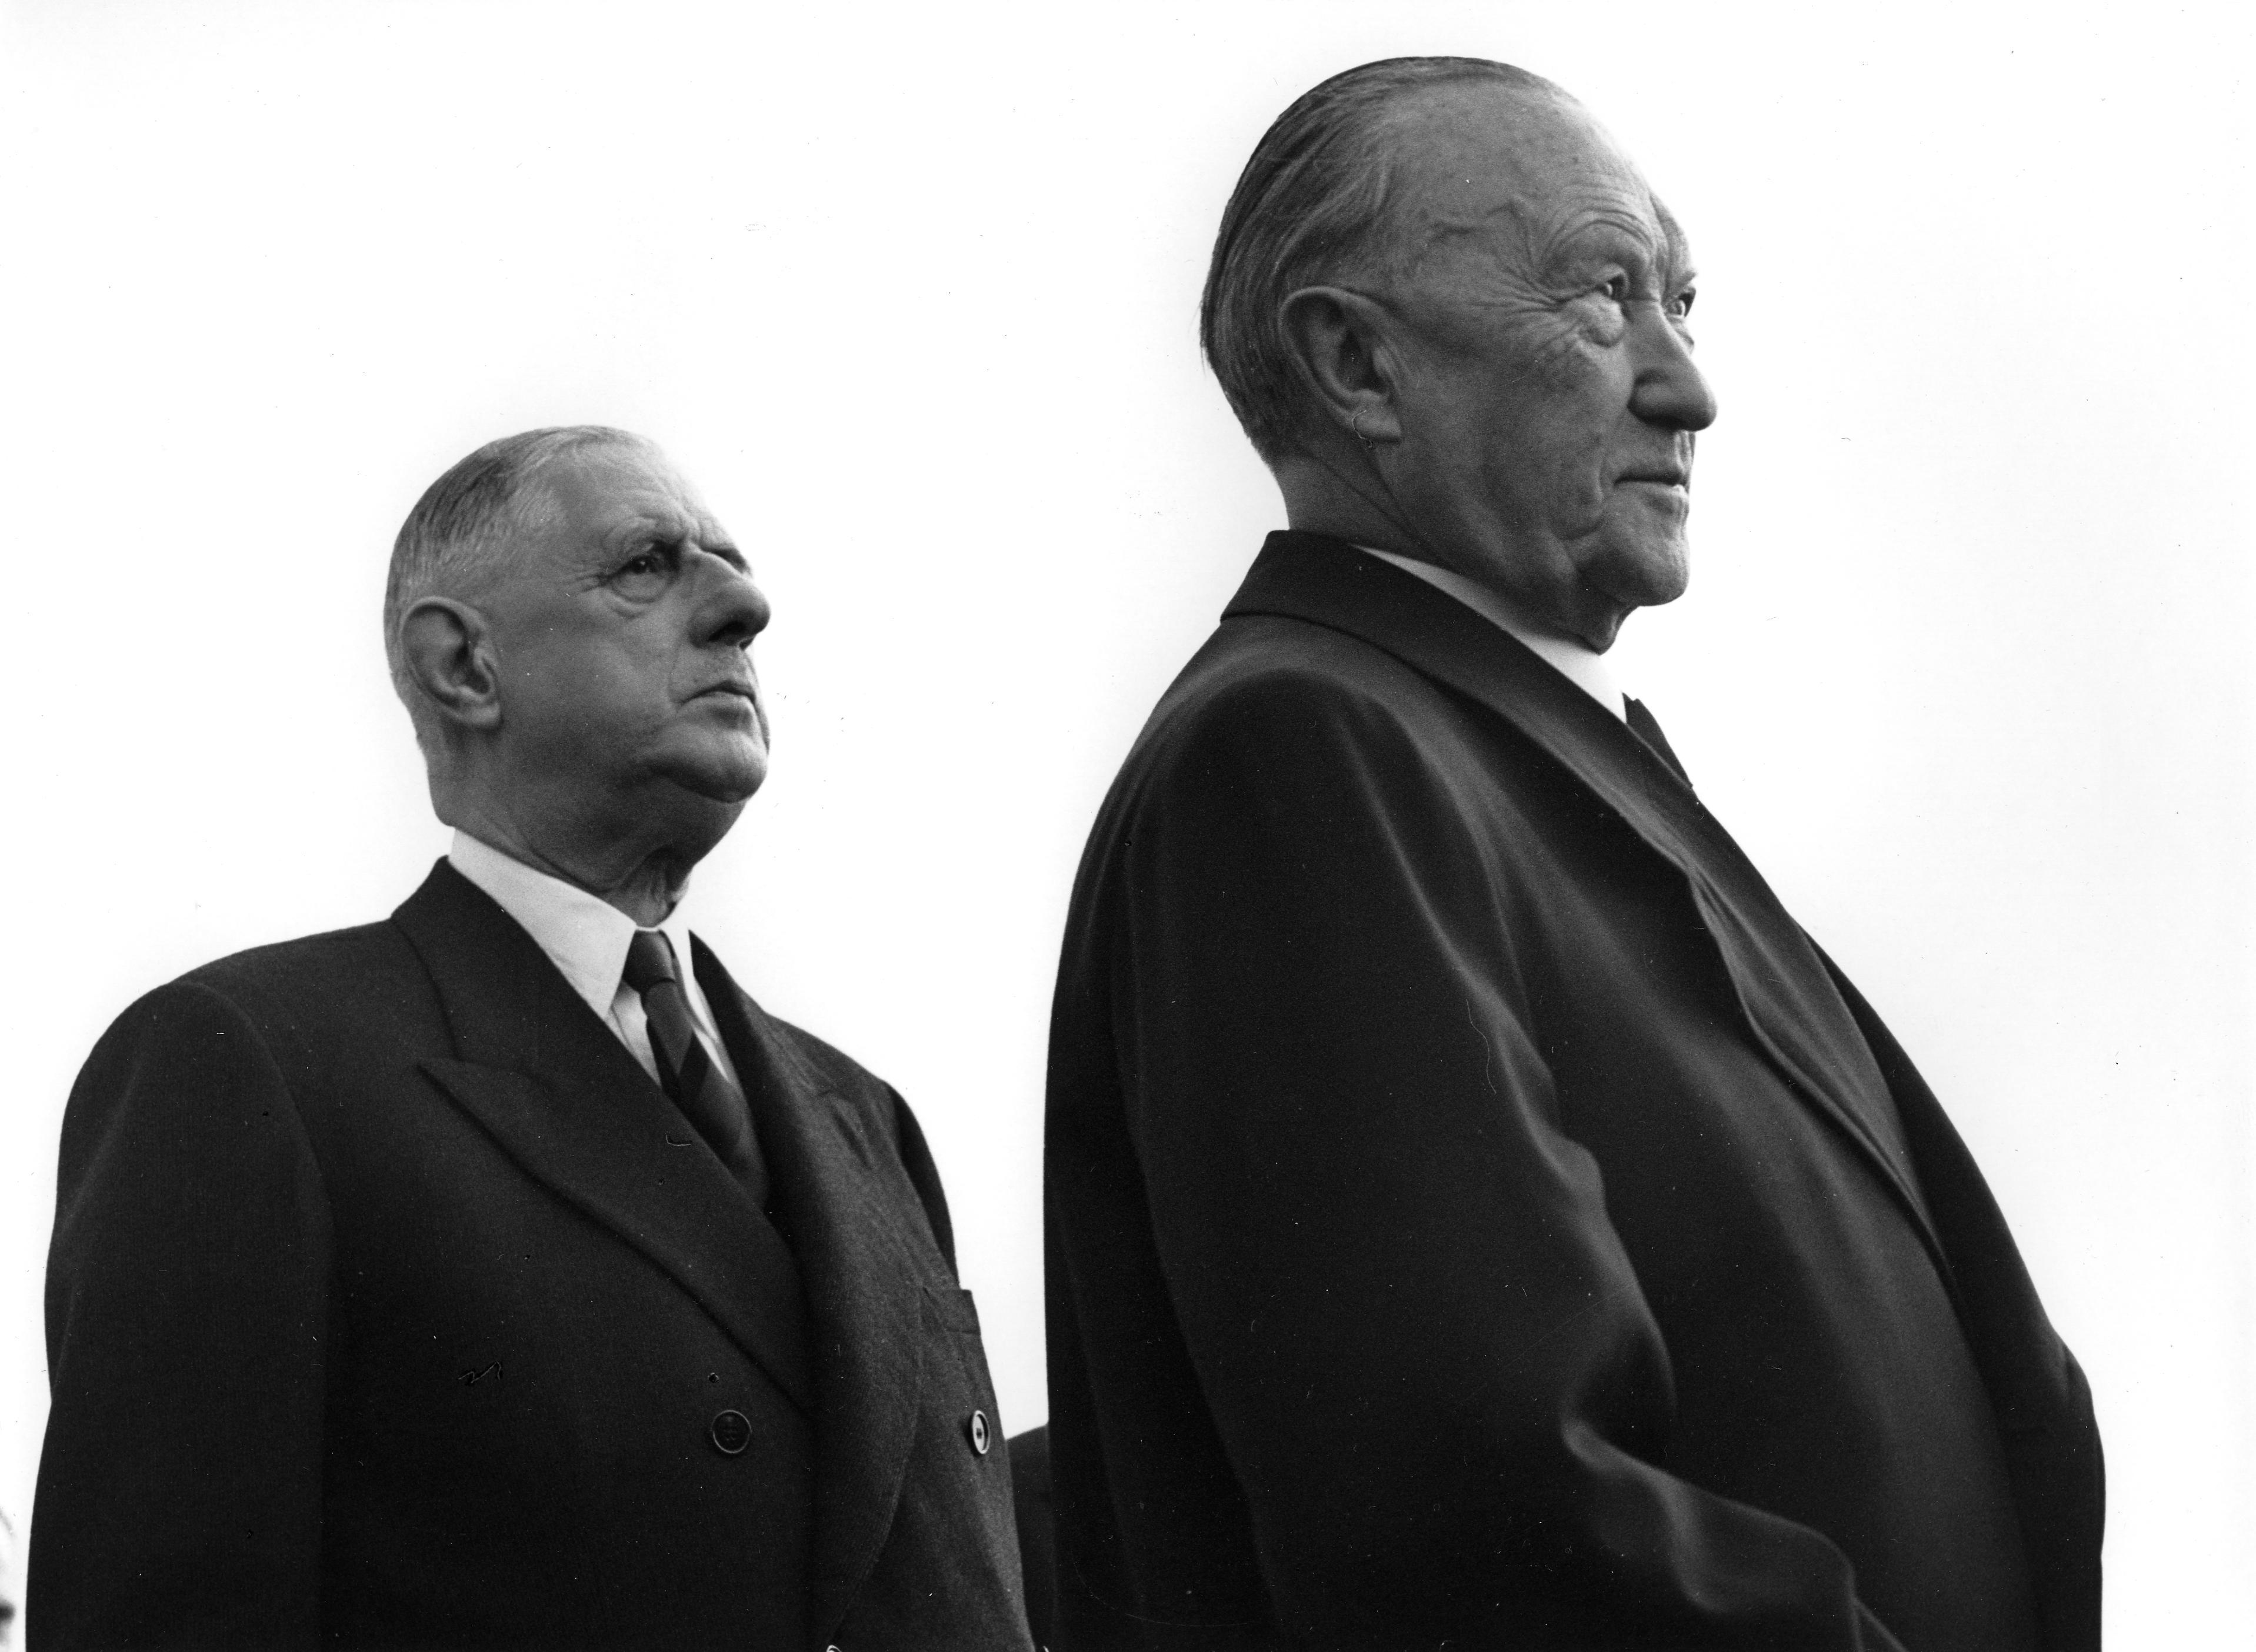 File:Bundesarchiv B 145 Bild-F010324-0002, Flughafen Köln-Bonn, Adenauer, de Gaulle.jpg